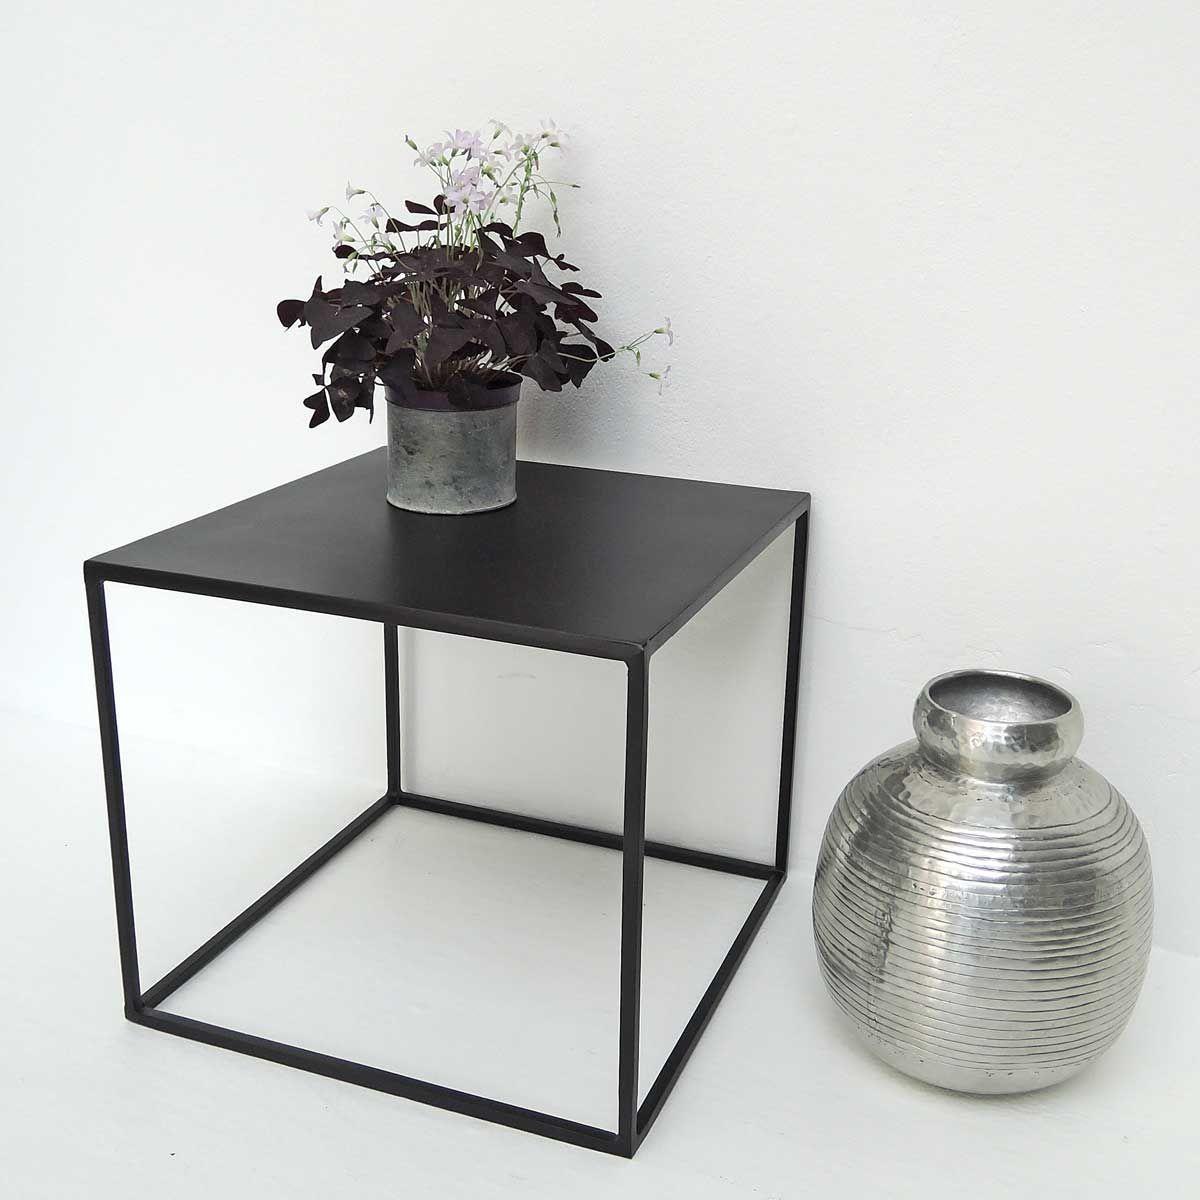 Table basse carrée en métal noir